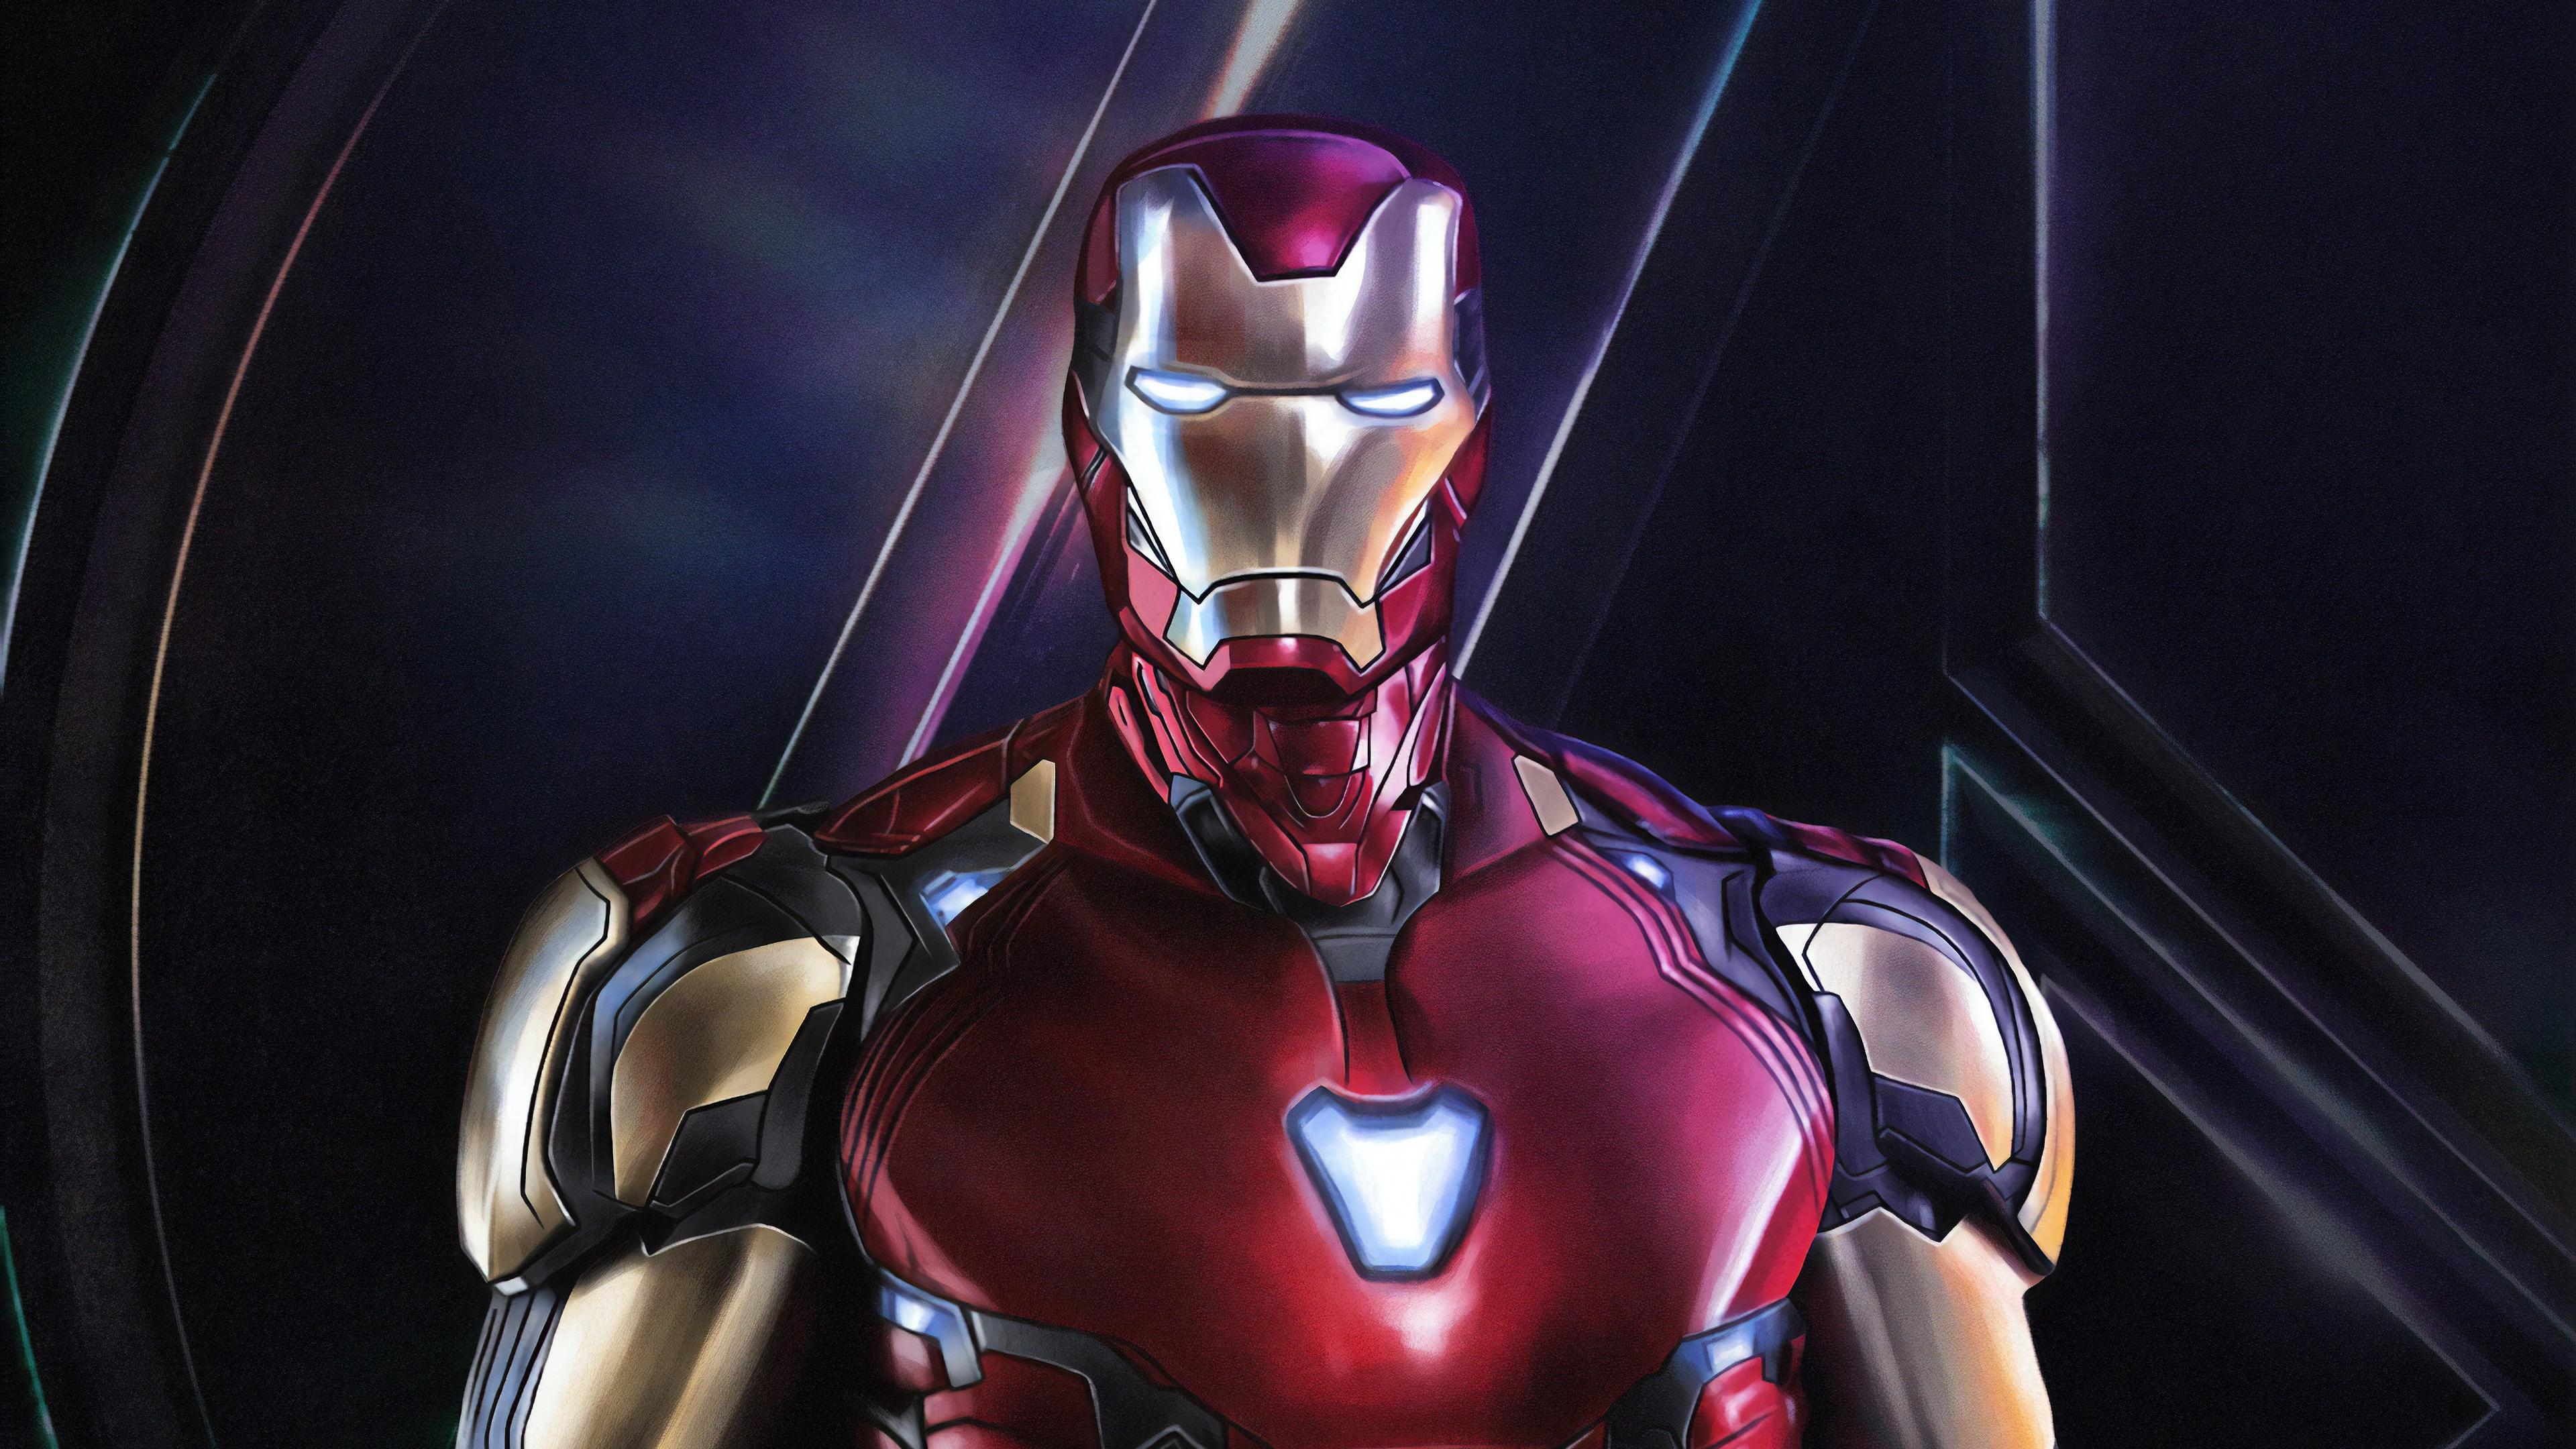 Get Inspired For Avengers Endgame Iron Man Wallpaper 4k Photos